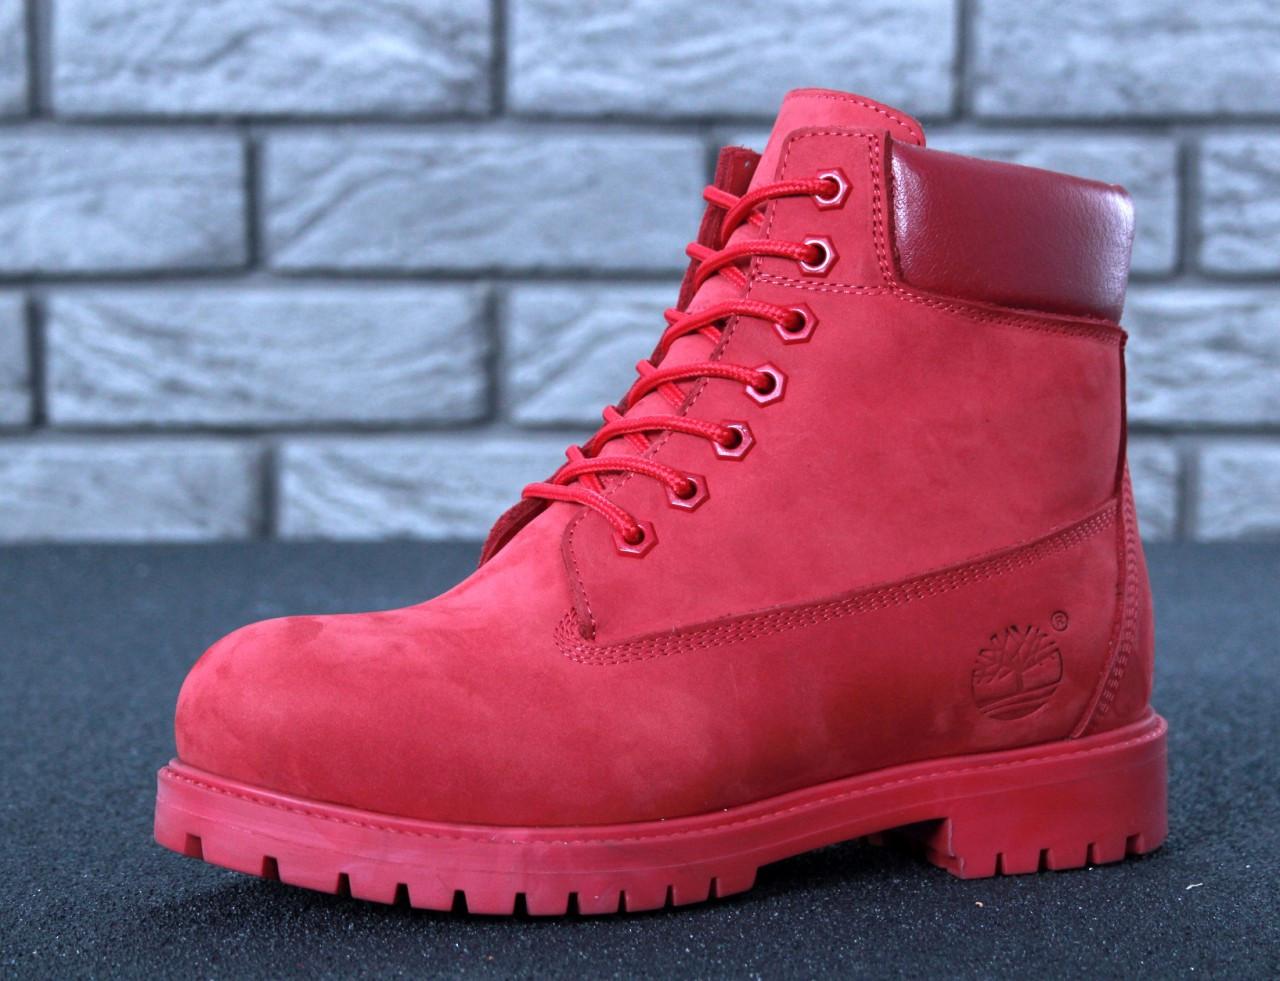 98942c47 Женские зимние ботинки Timberland с шерстяным мехом (red): продажа ...